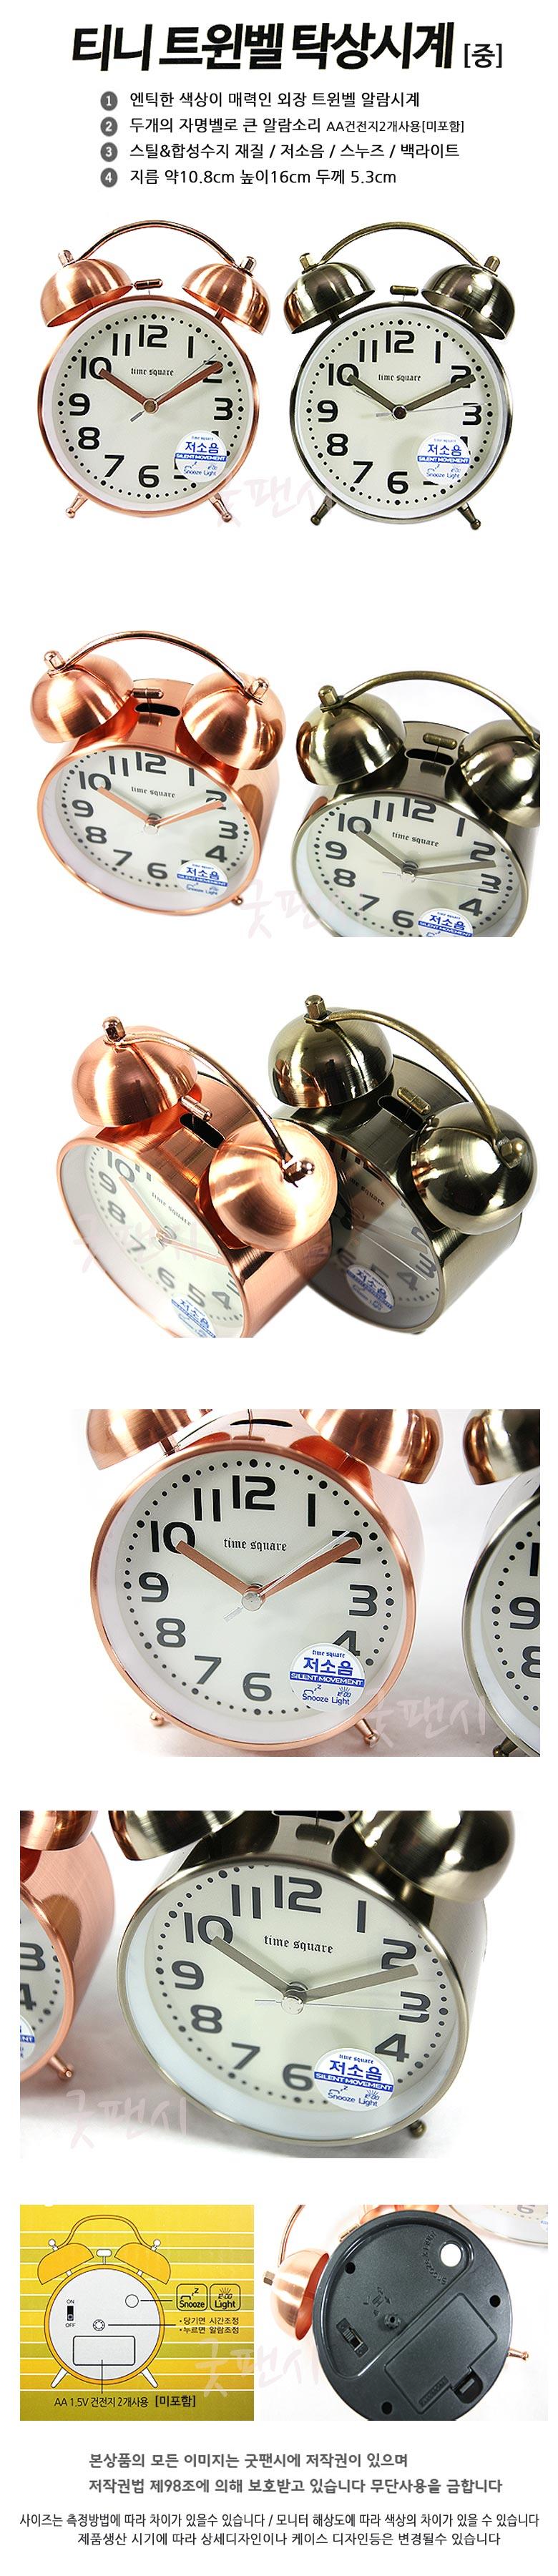 트니 트윈벨 탁상시계(중) - 굿팬시, 24,500원, 알람/탁상시계, 디자인시계